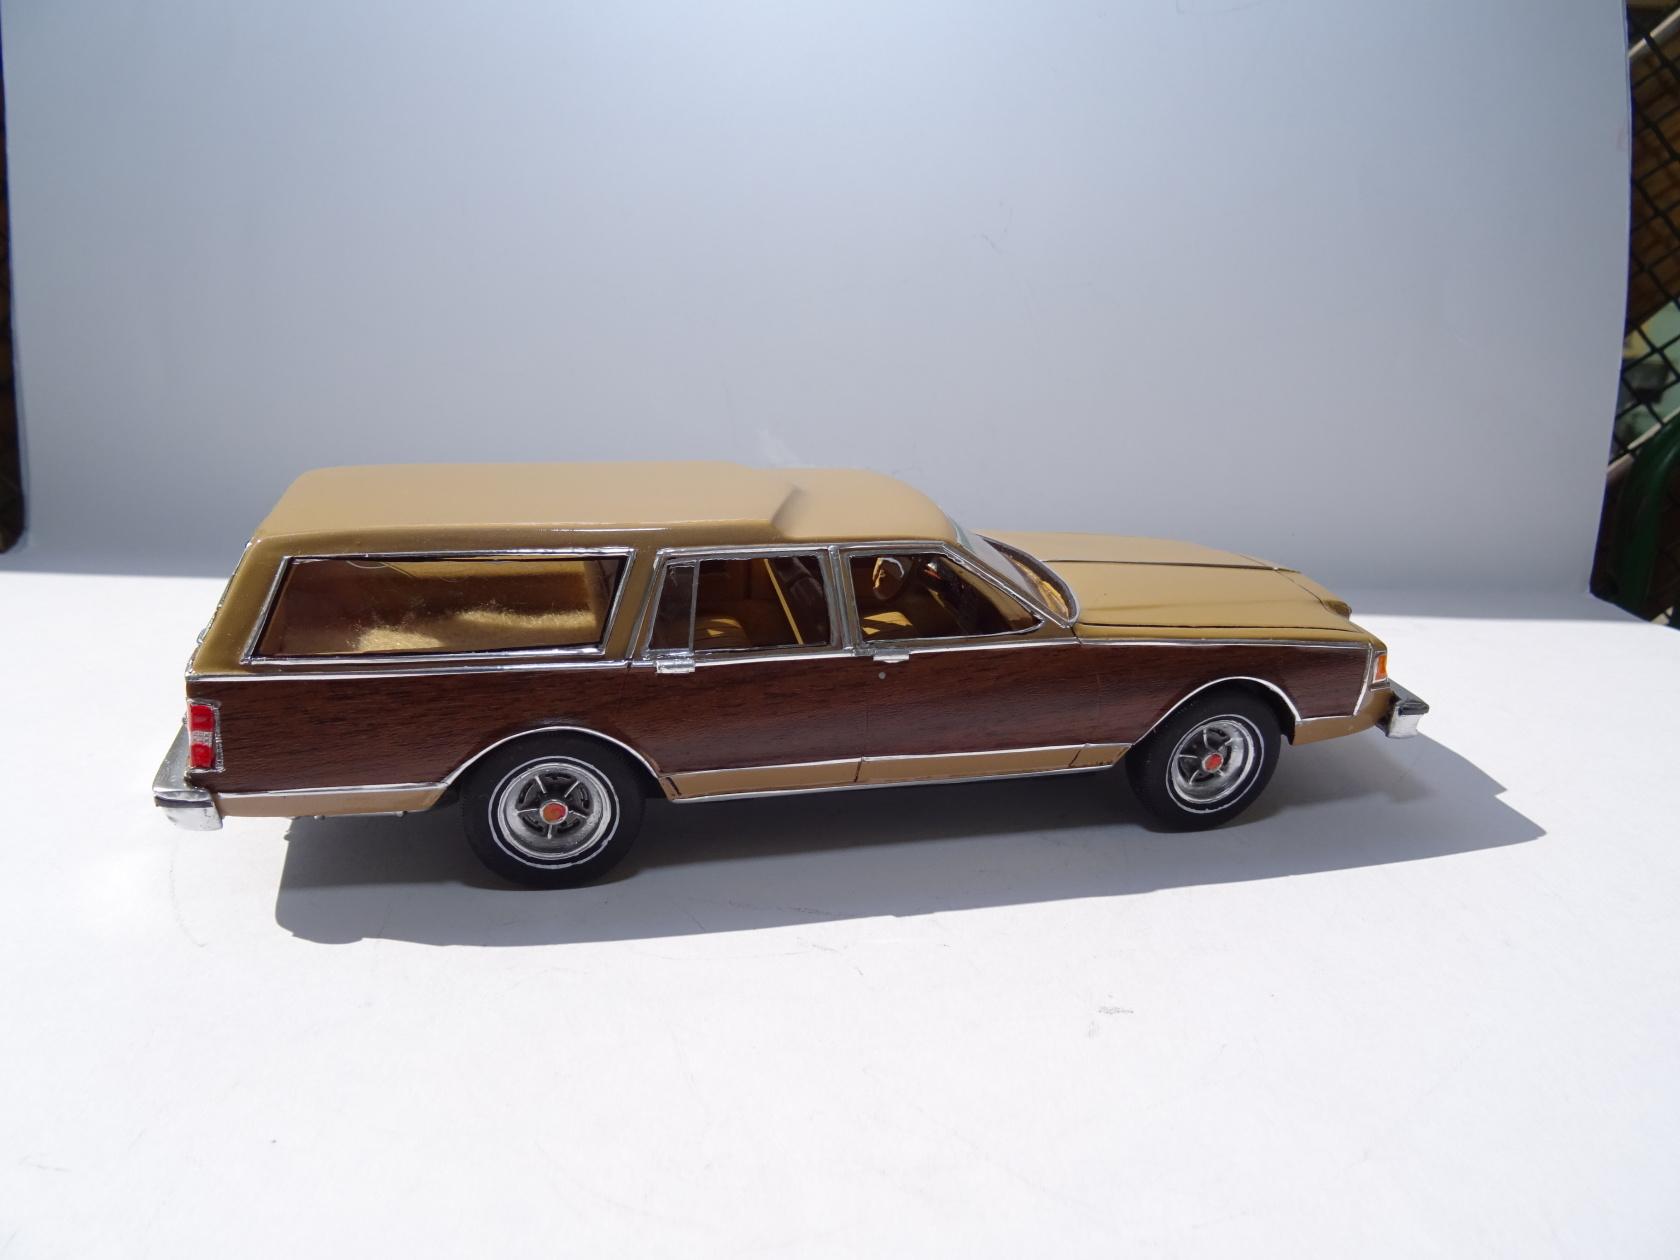 85 Buick Electra Estate wagon - Scale Auto Magazine - For ...